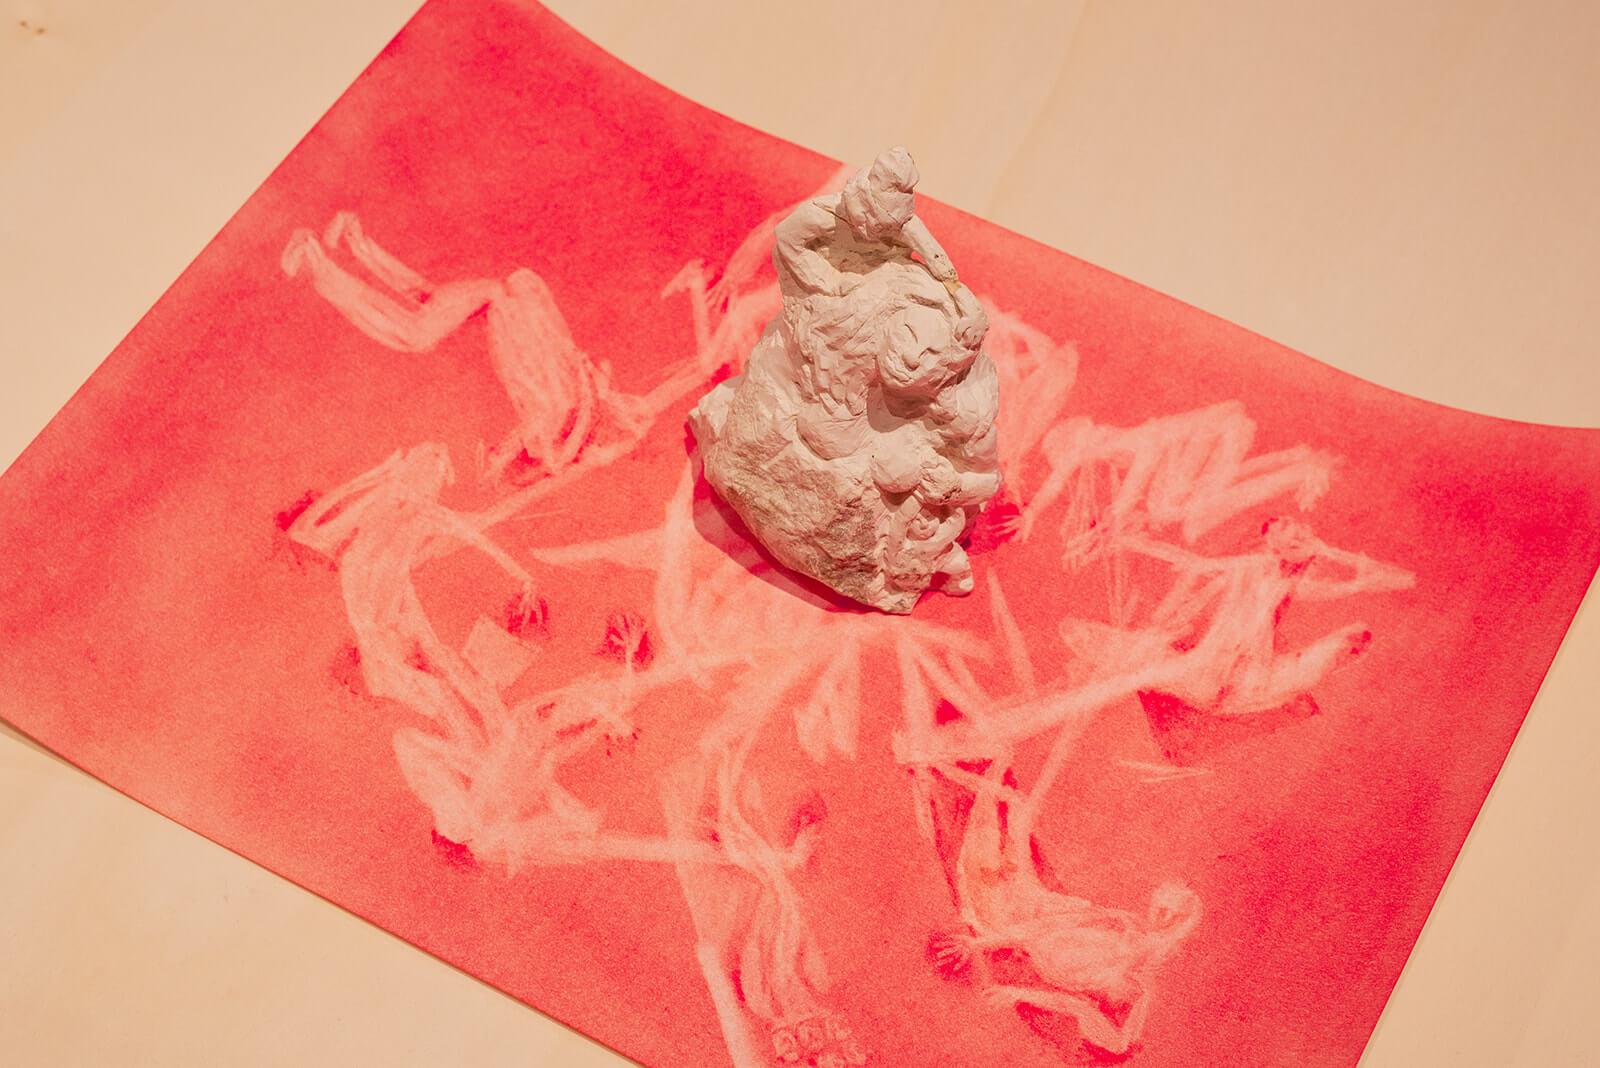 נעמה לינדנבאום, משקעים, פרט, 2021, פיגמנט על נייר, סלעי קירטון<br /> צילום: נטע קונס